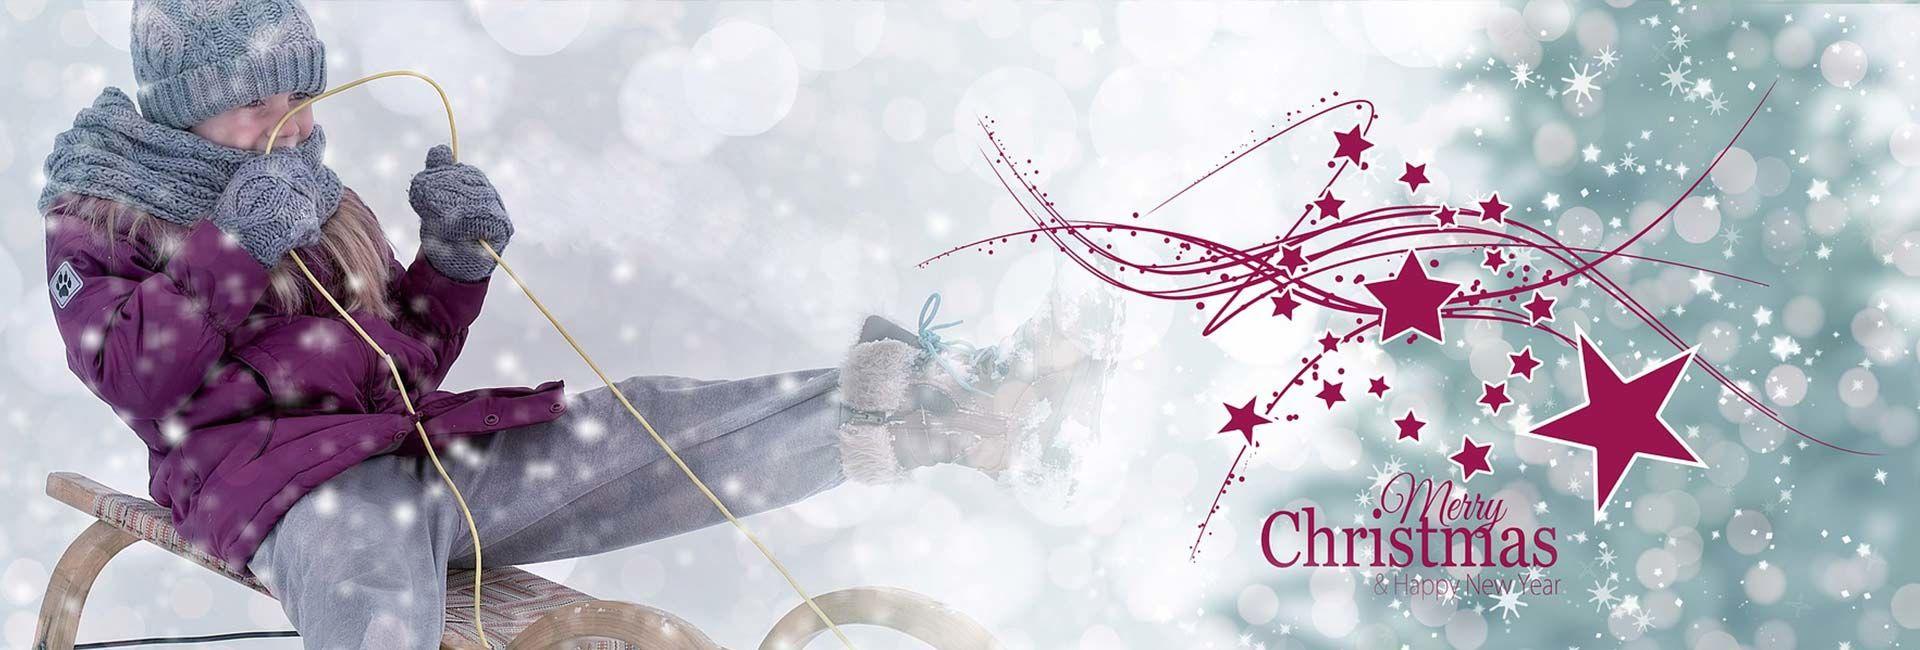 Samnaun Pauschale Weihnachten Hotel Romantica